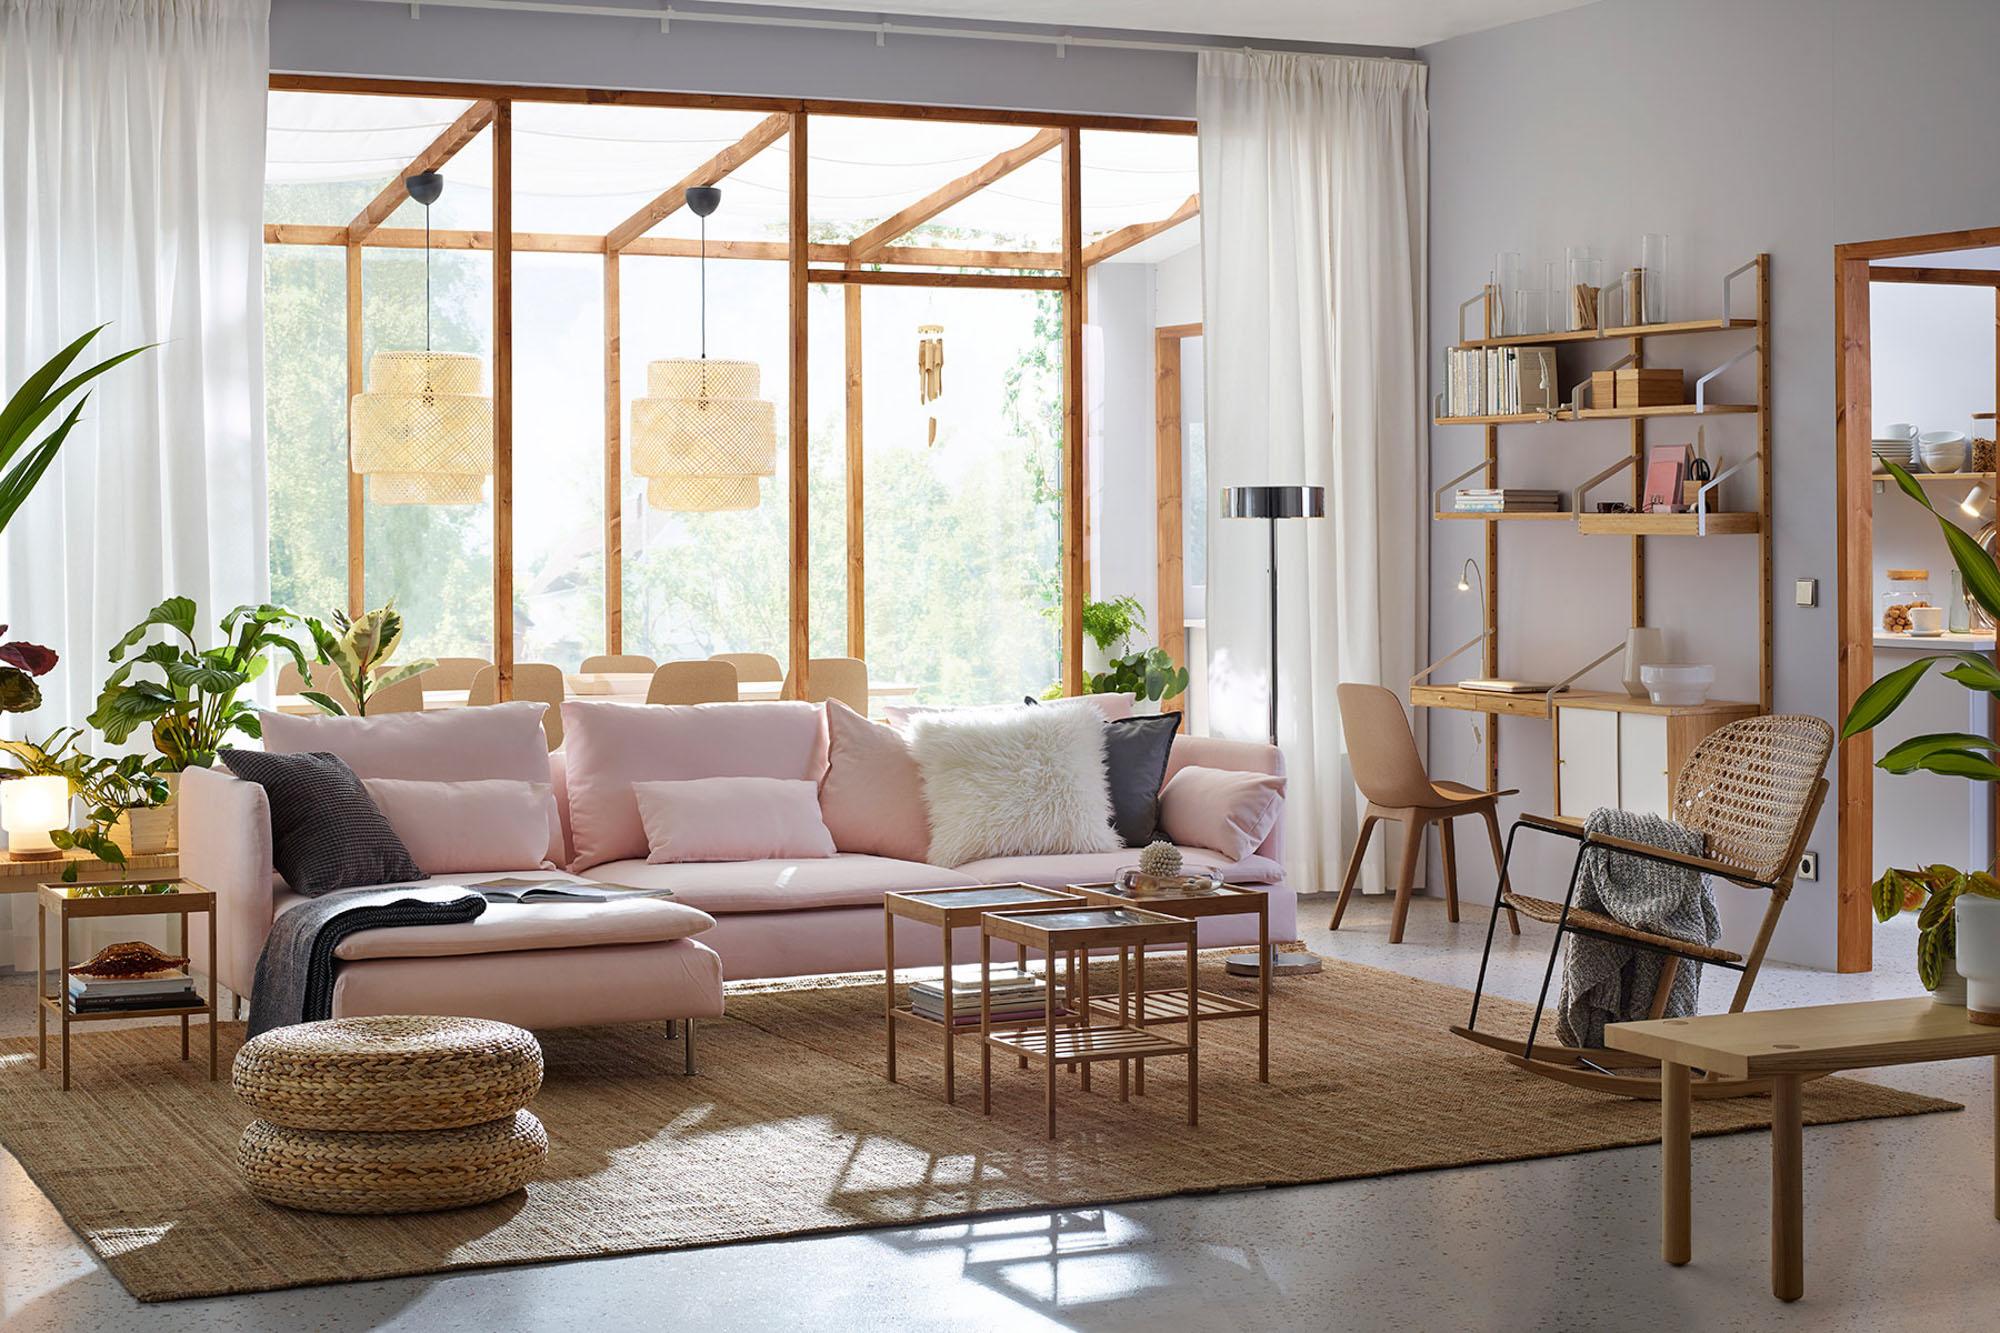 Ikea nos trae novedades - Blog de La casa de Mar Orden y Deco